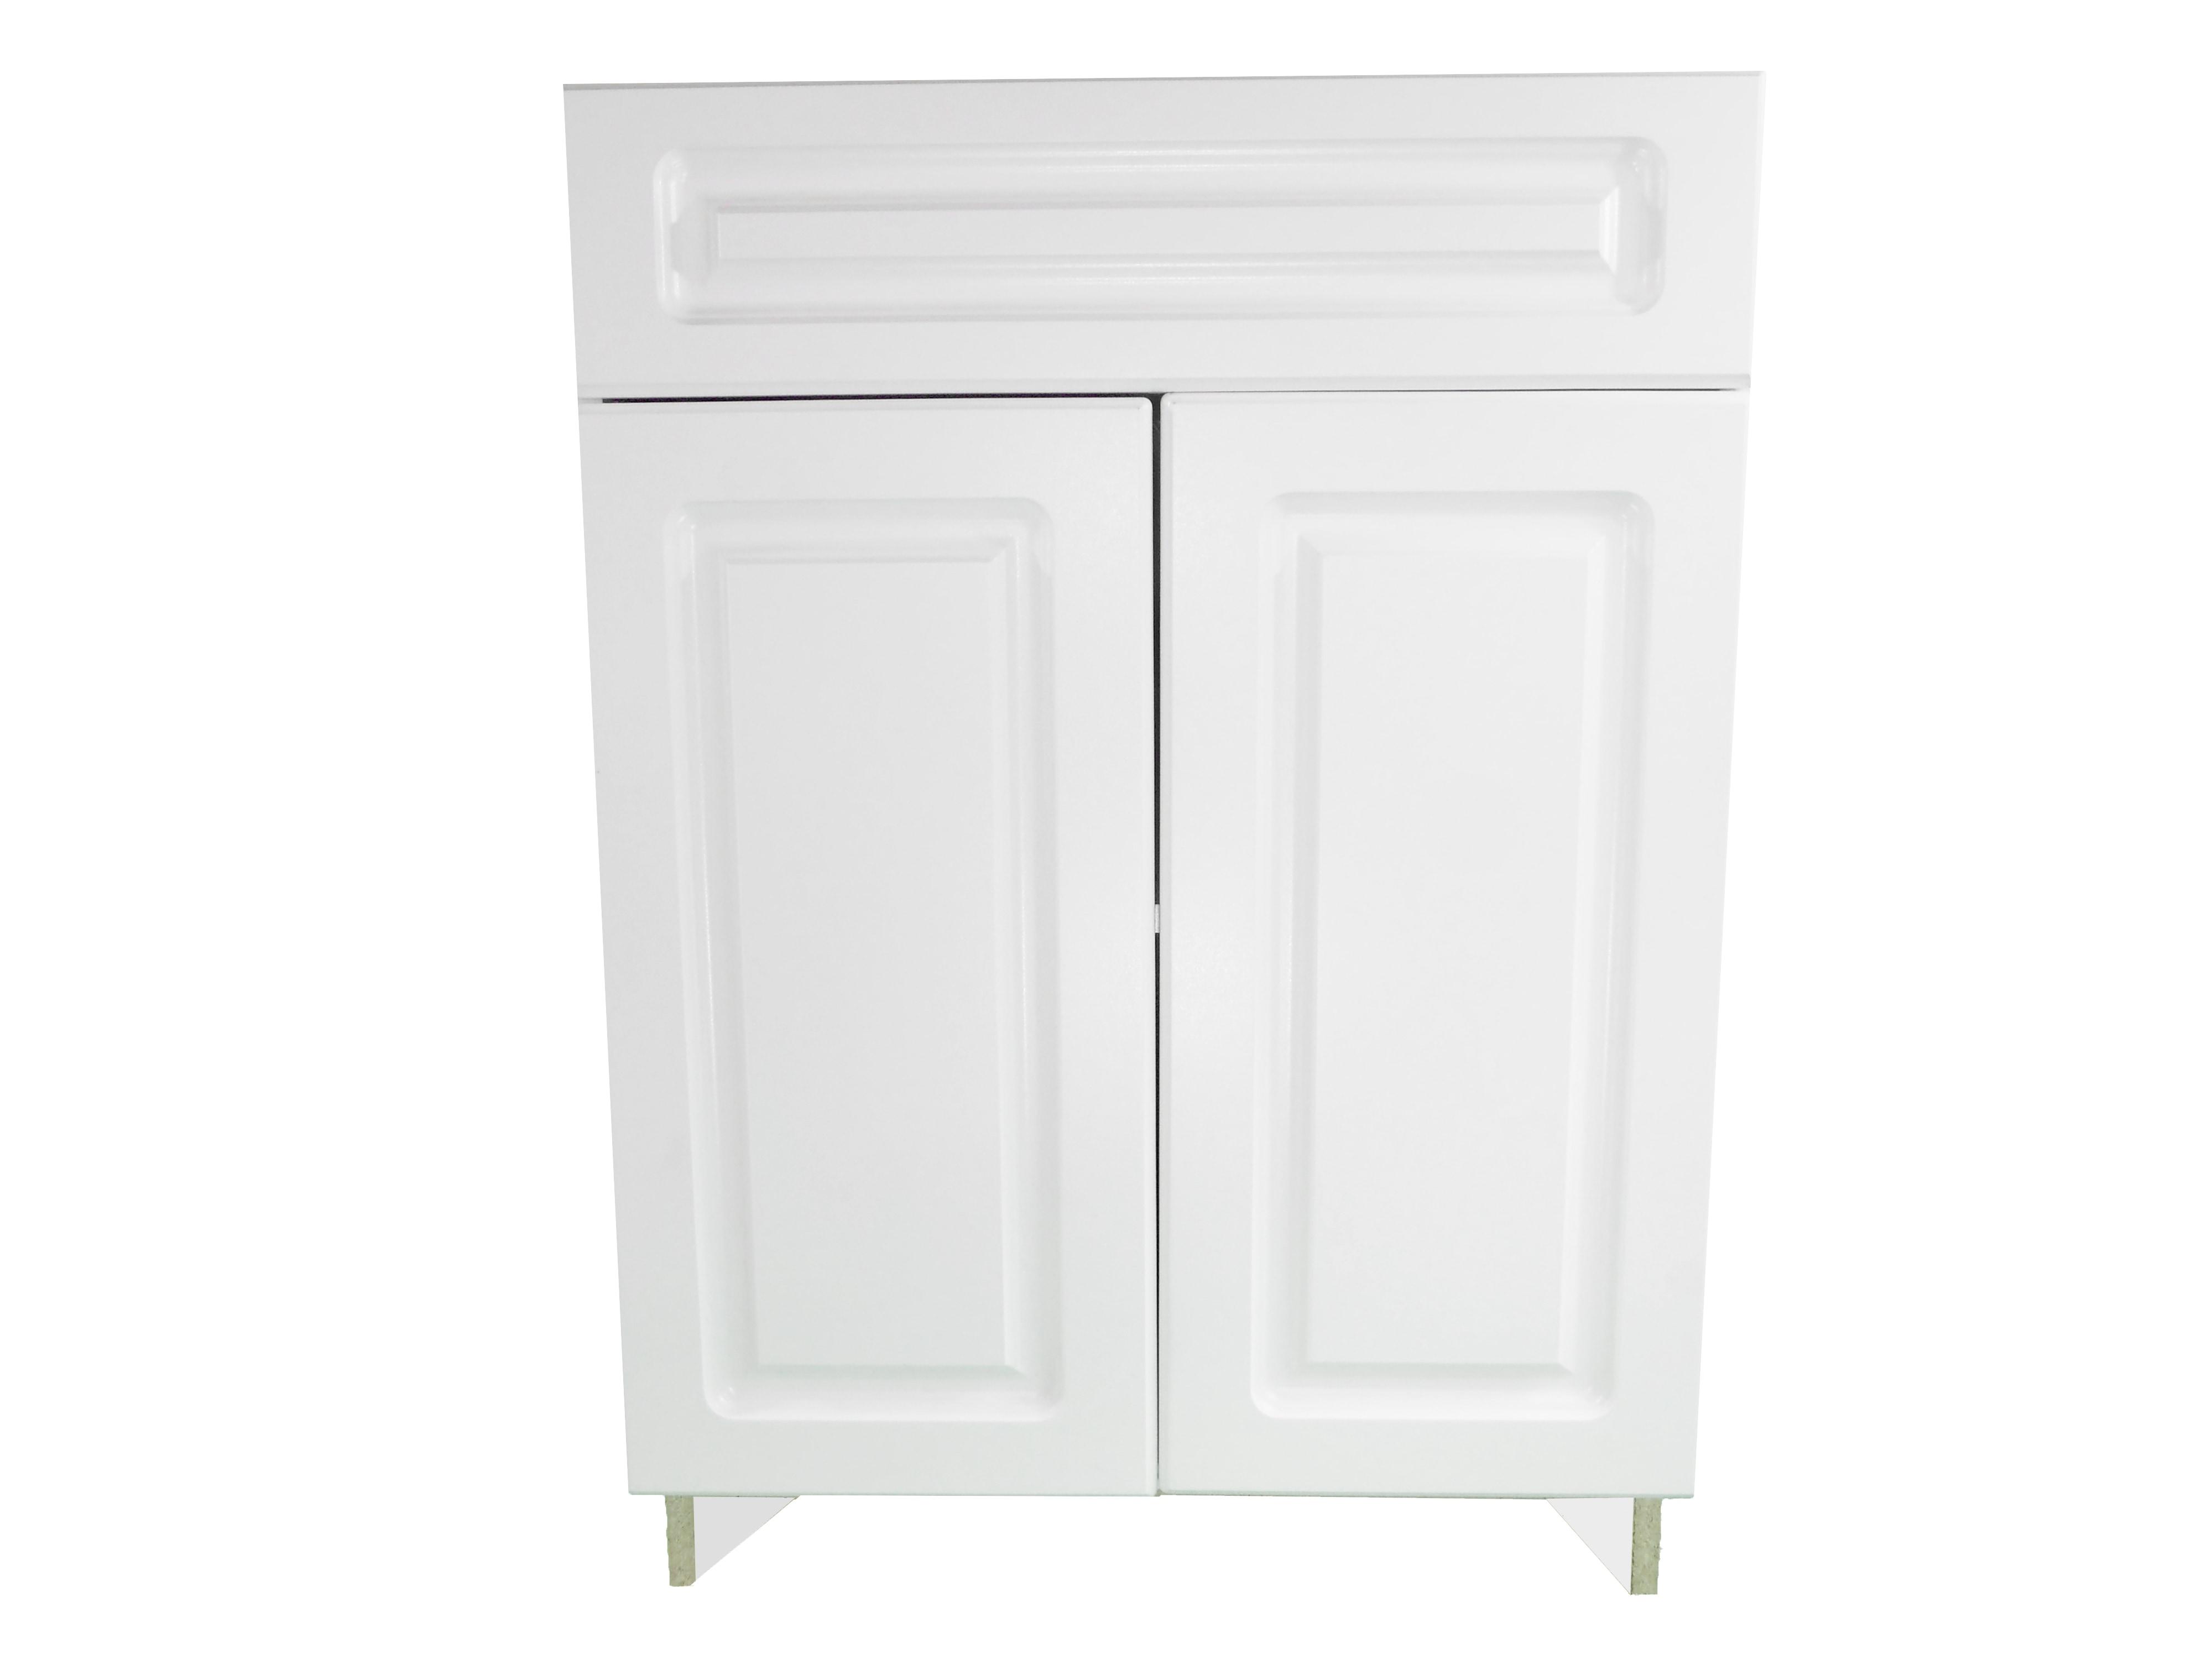 Base Cabinet with Drawer/2 Door / San Juan / Raised Panel White / 30 San Juan 0